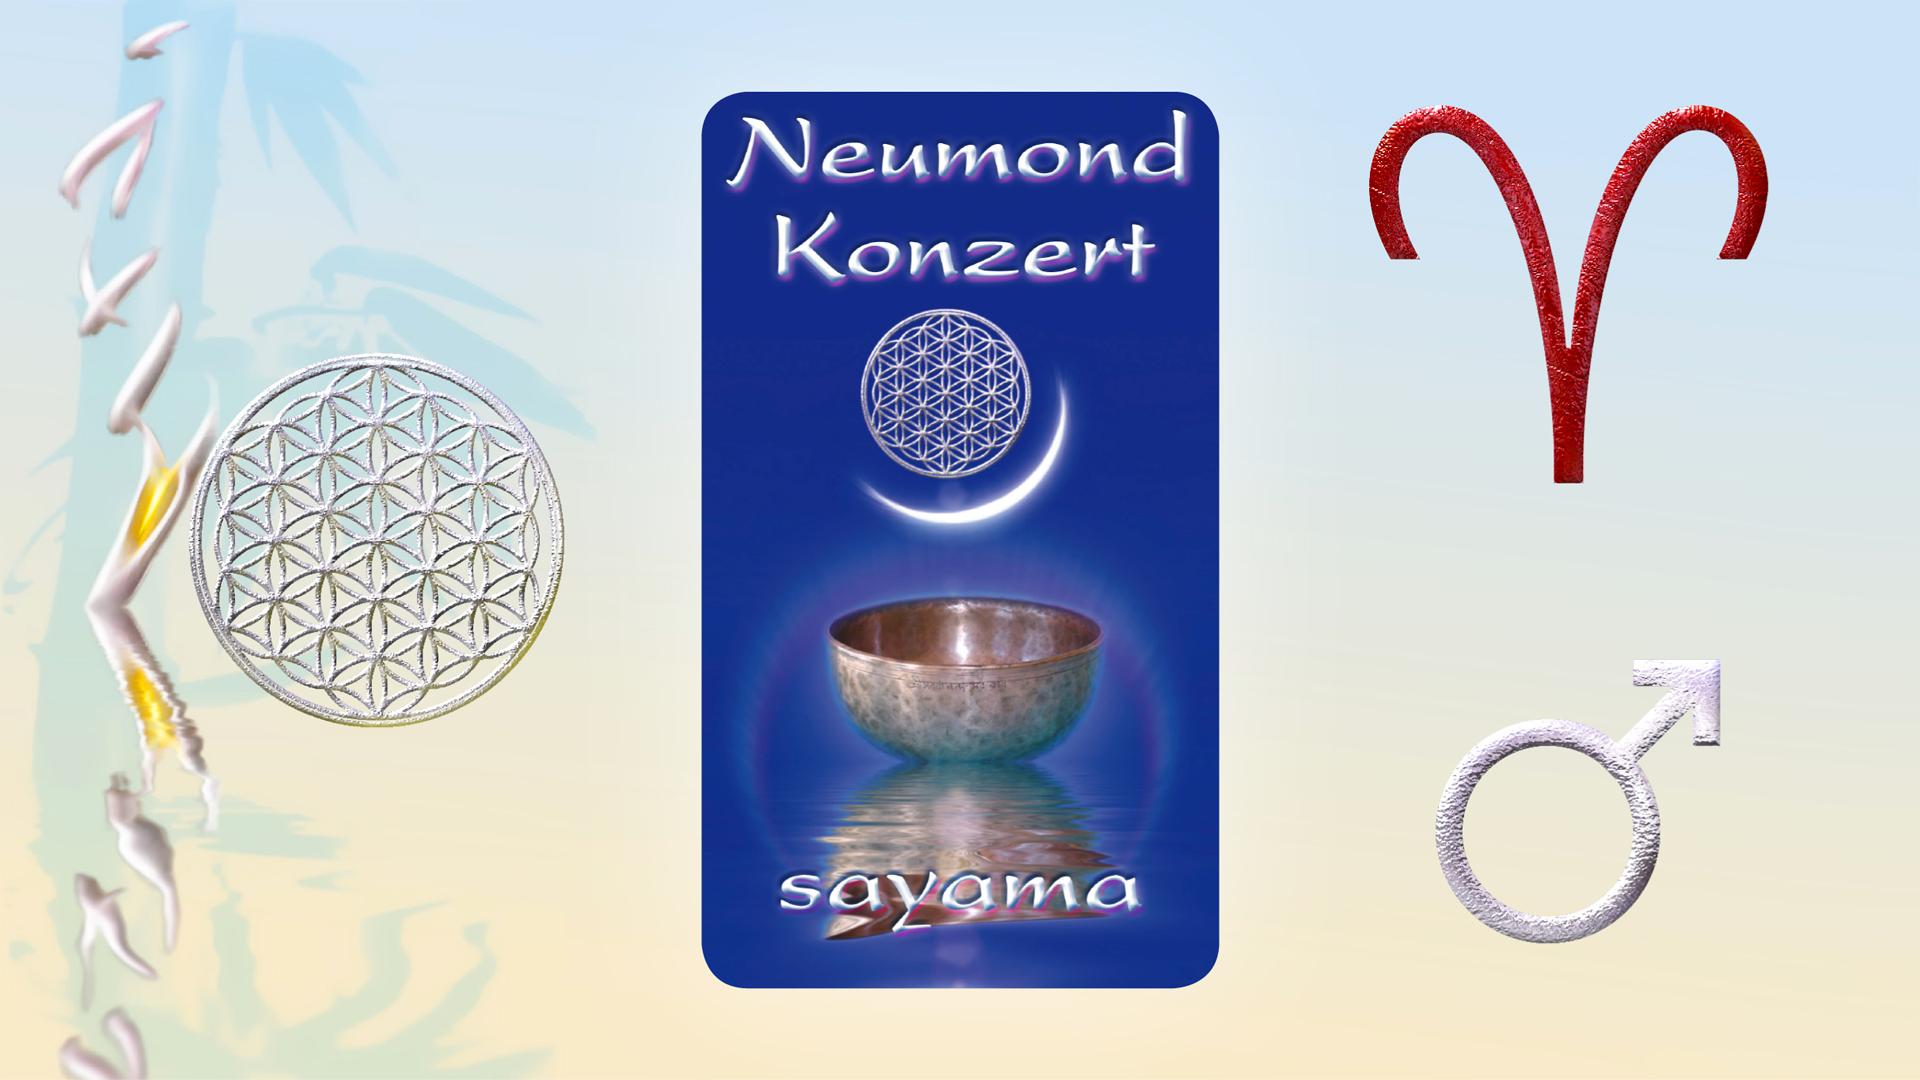 NeuMond~Konzert im Zeichen Widder -  Planet Mars